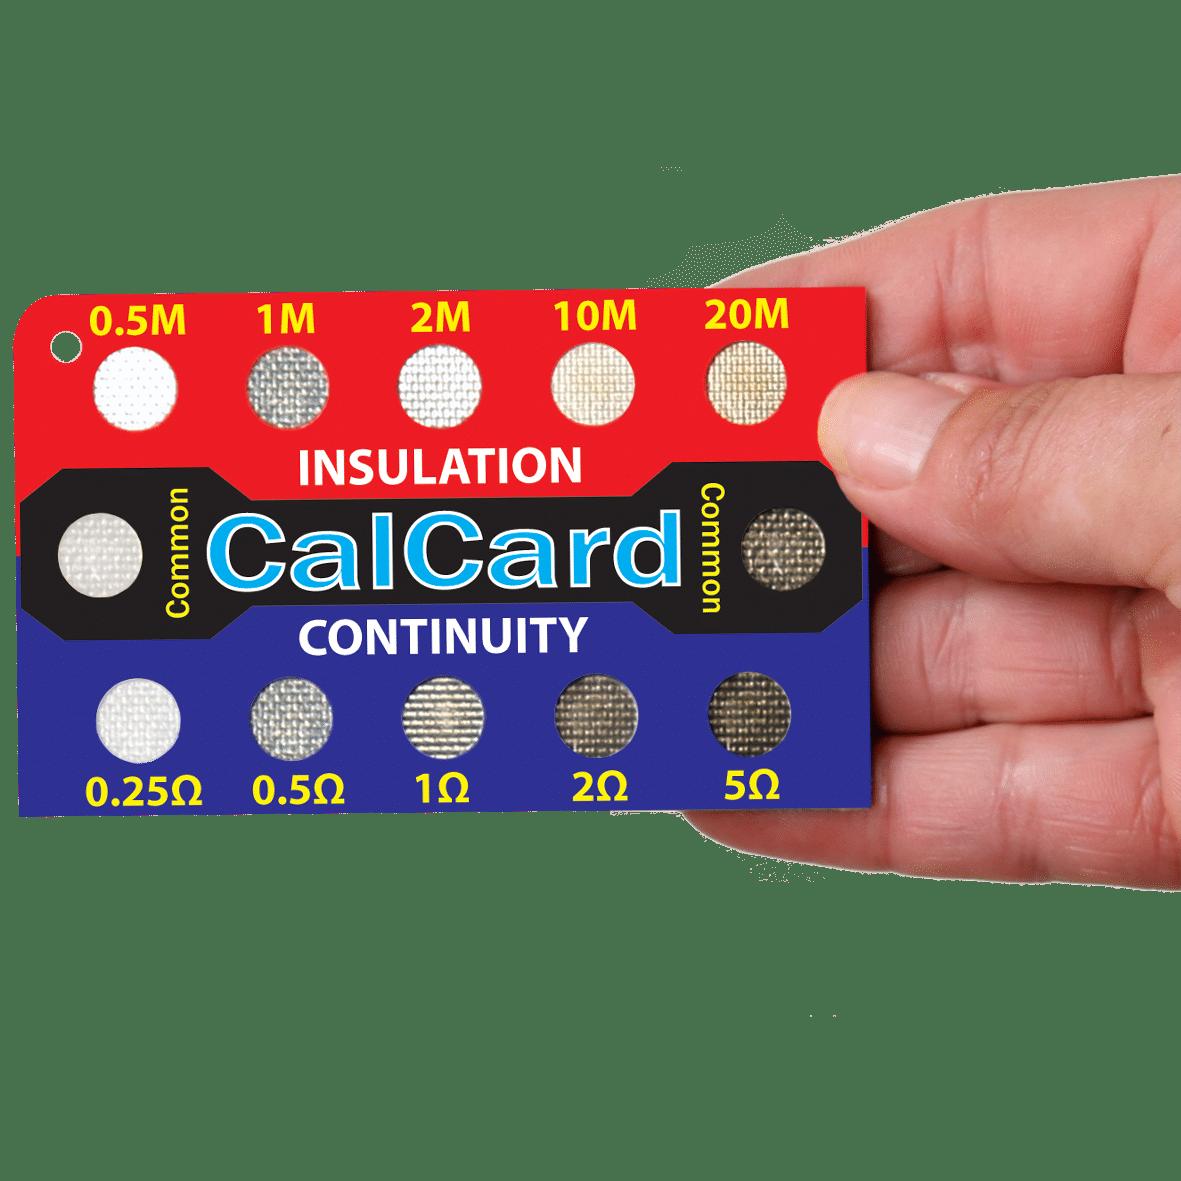 CALCARD Calibration Check Card